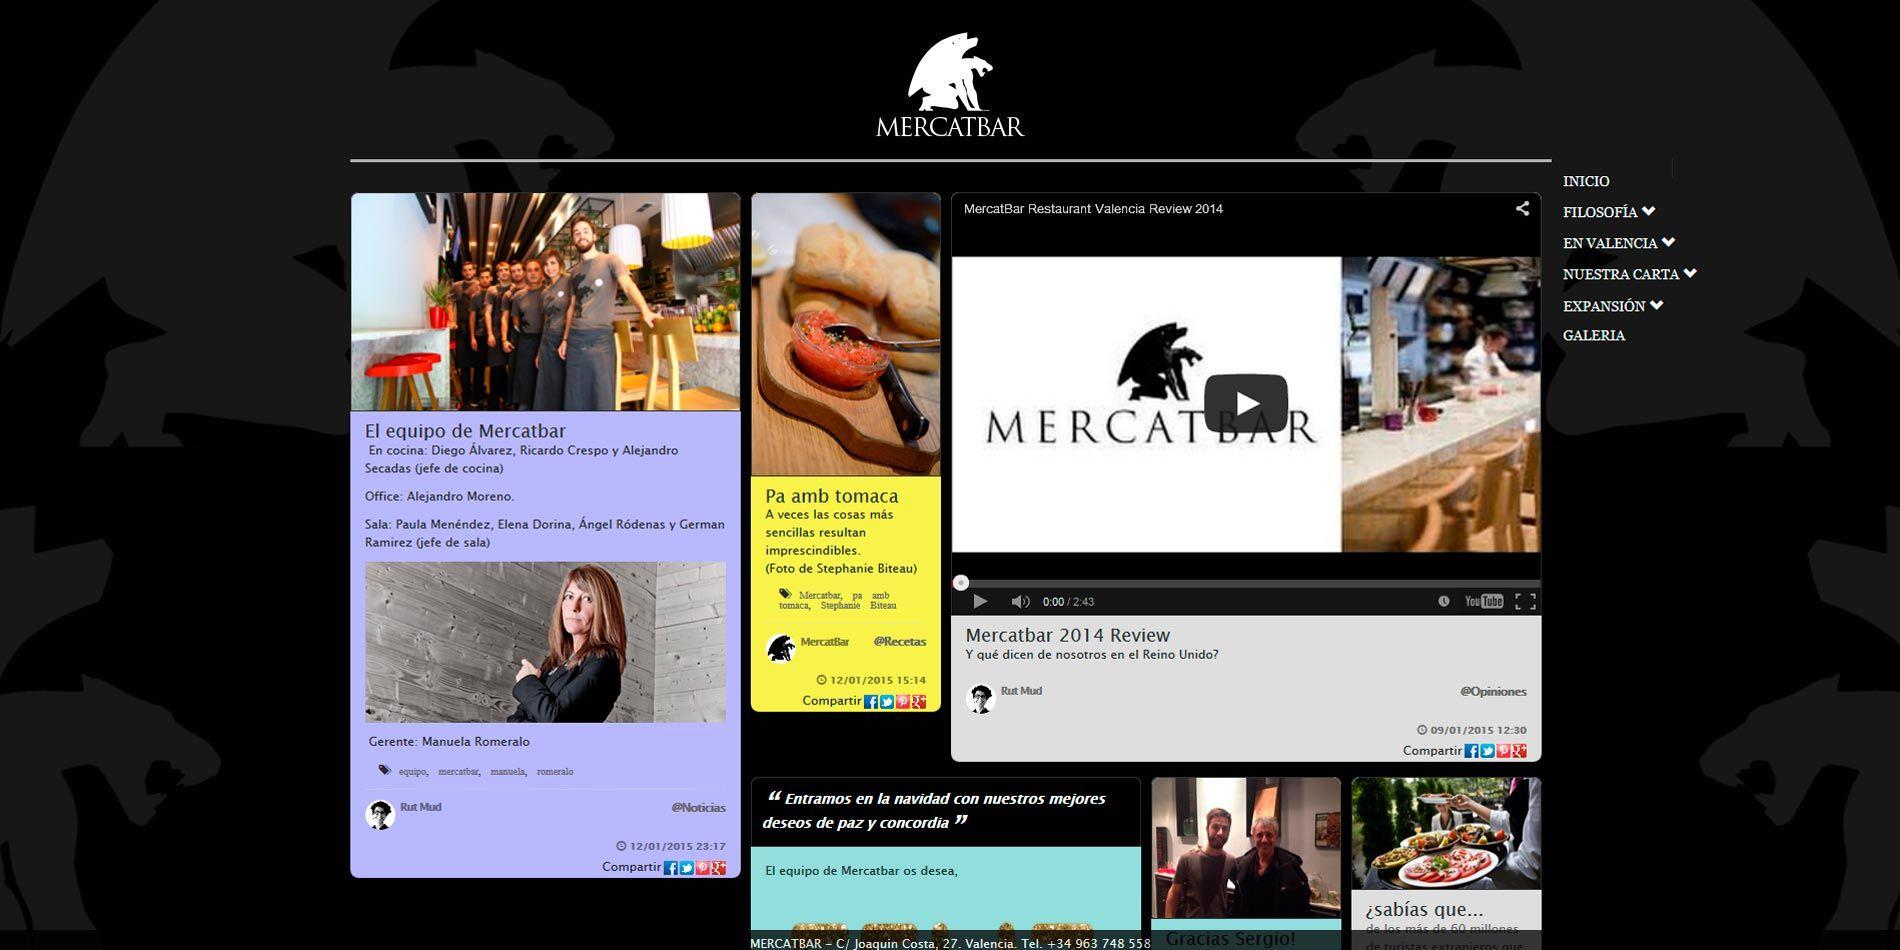 Mercatbar